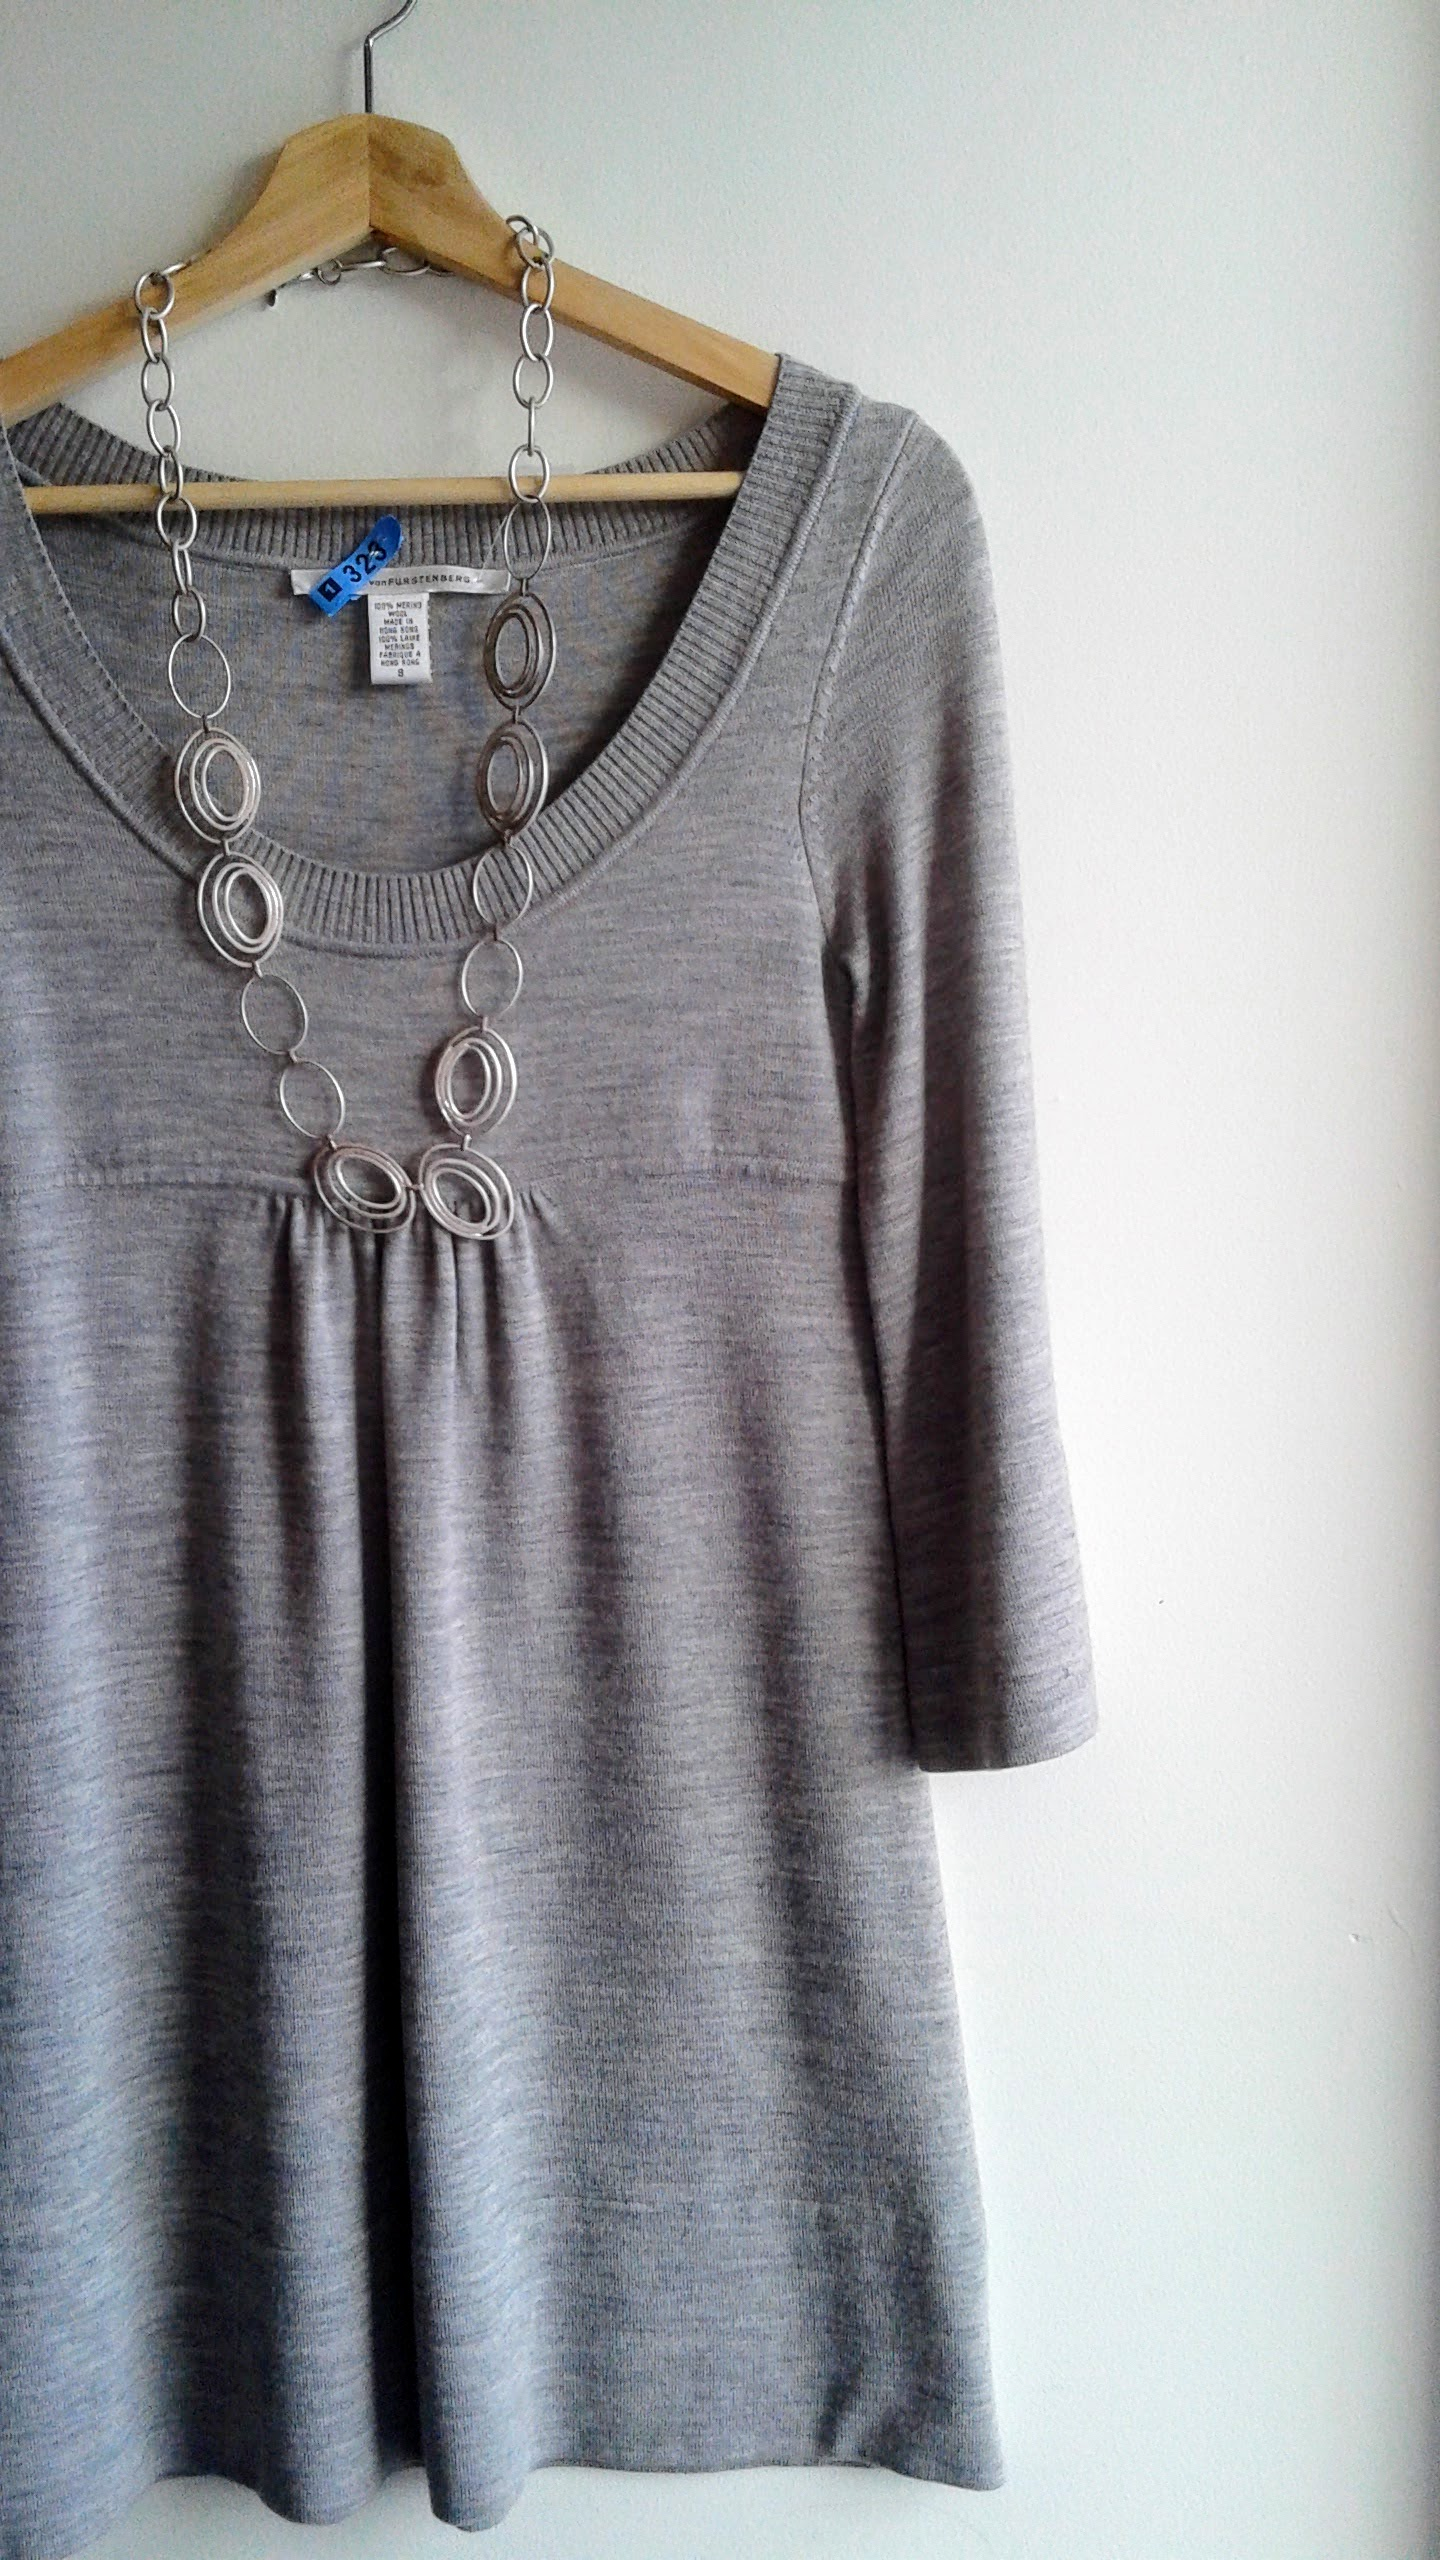 Diane von Fürstenberg dress; Size S, $58. Necklace, $26